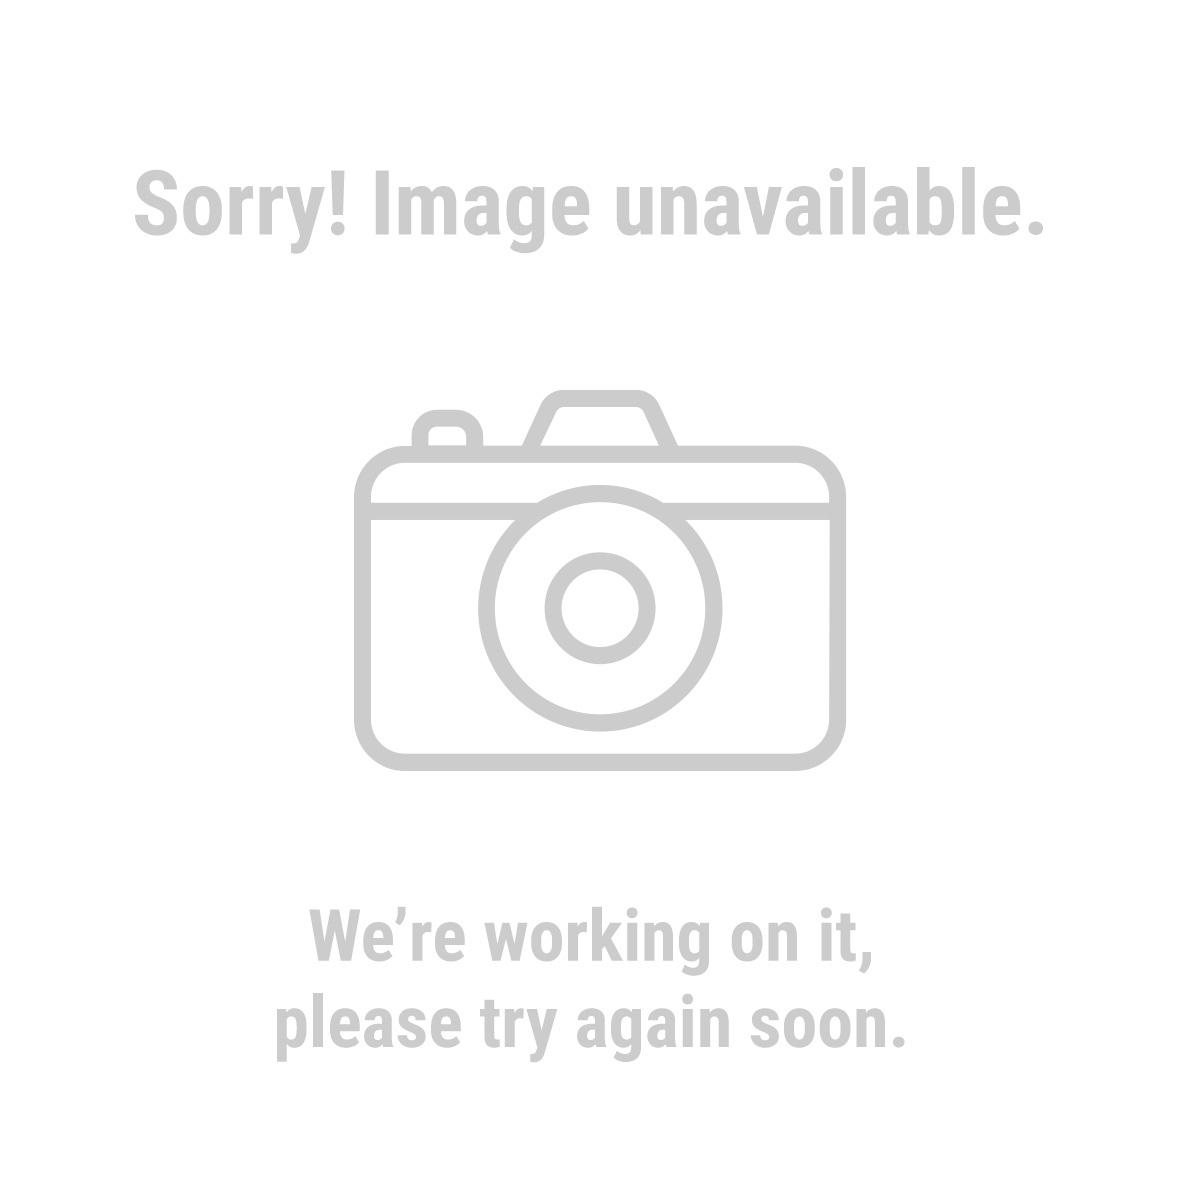 Warrior 68092 30 Piece T-shank All Purpose Jigsaw Blade Assortment